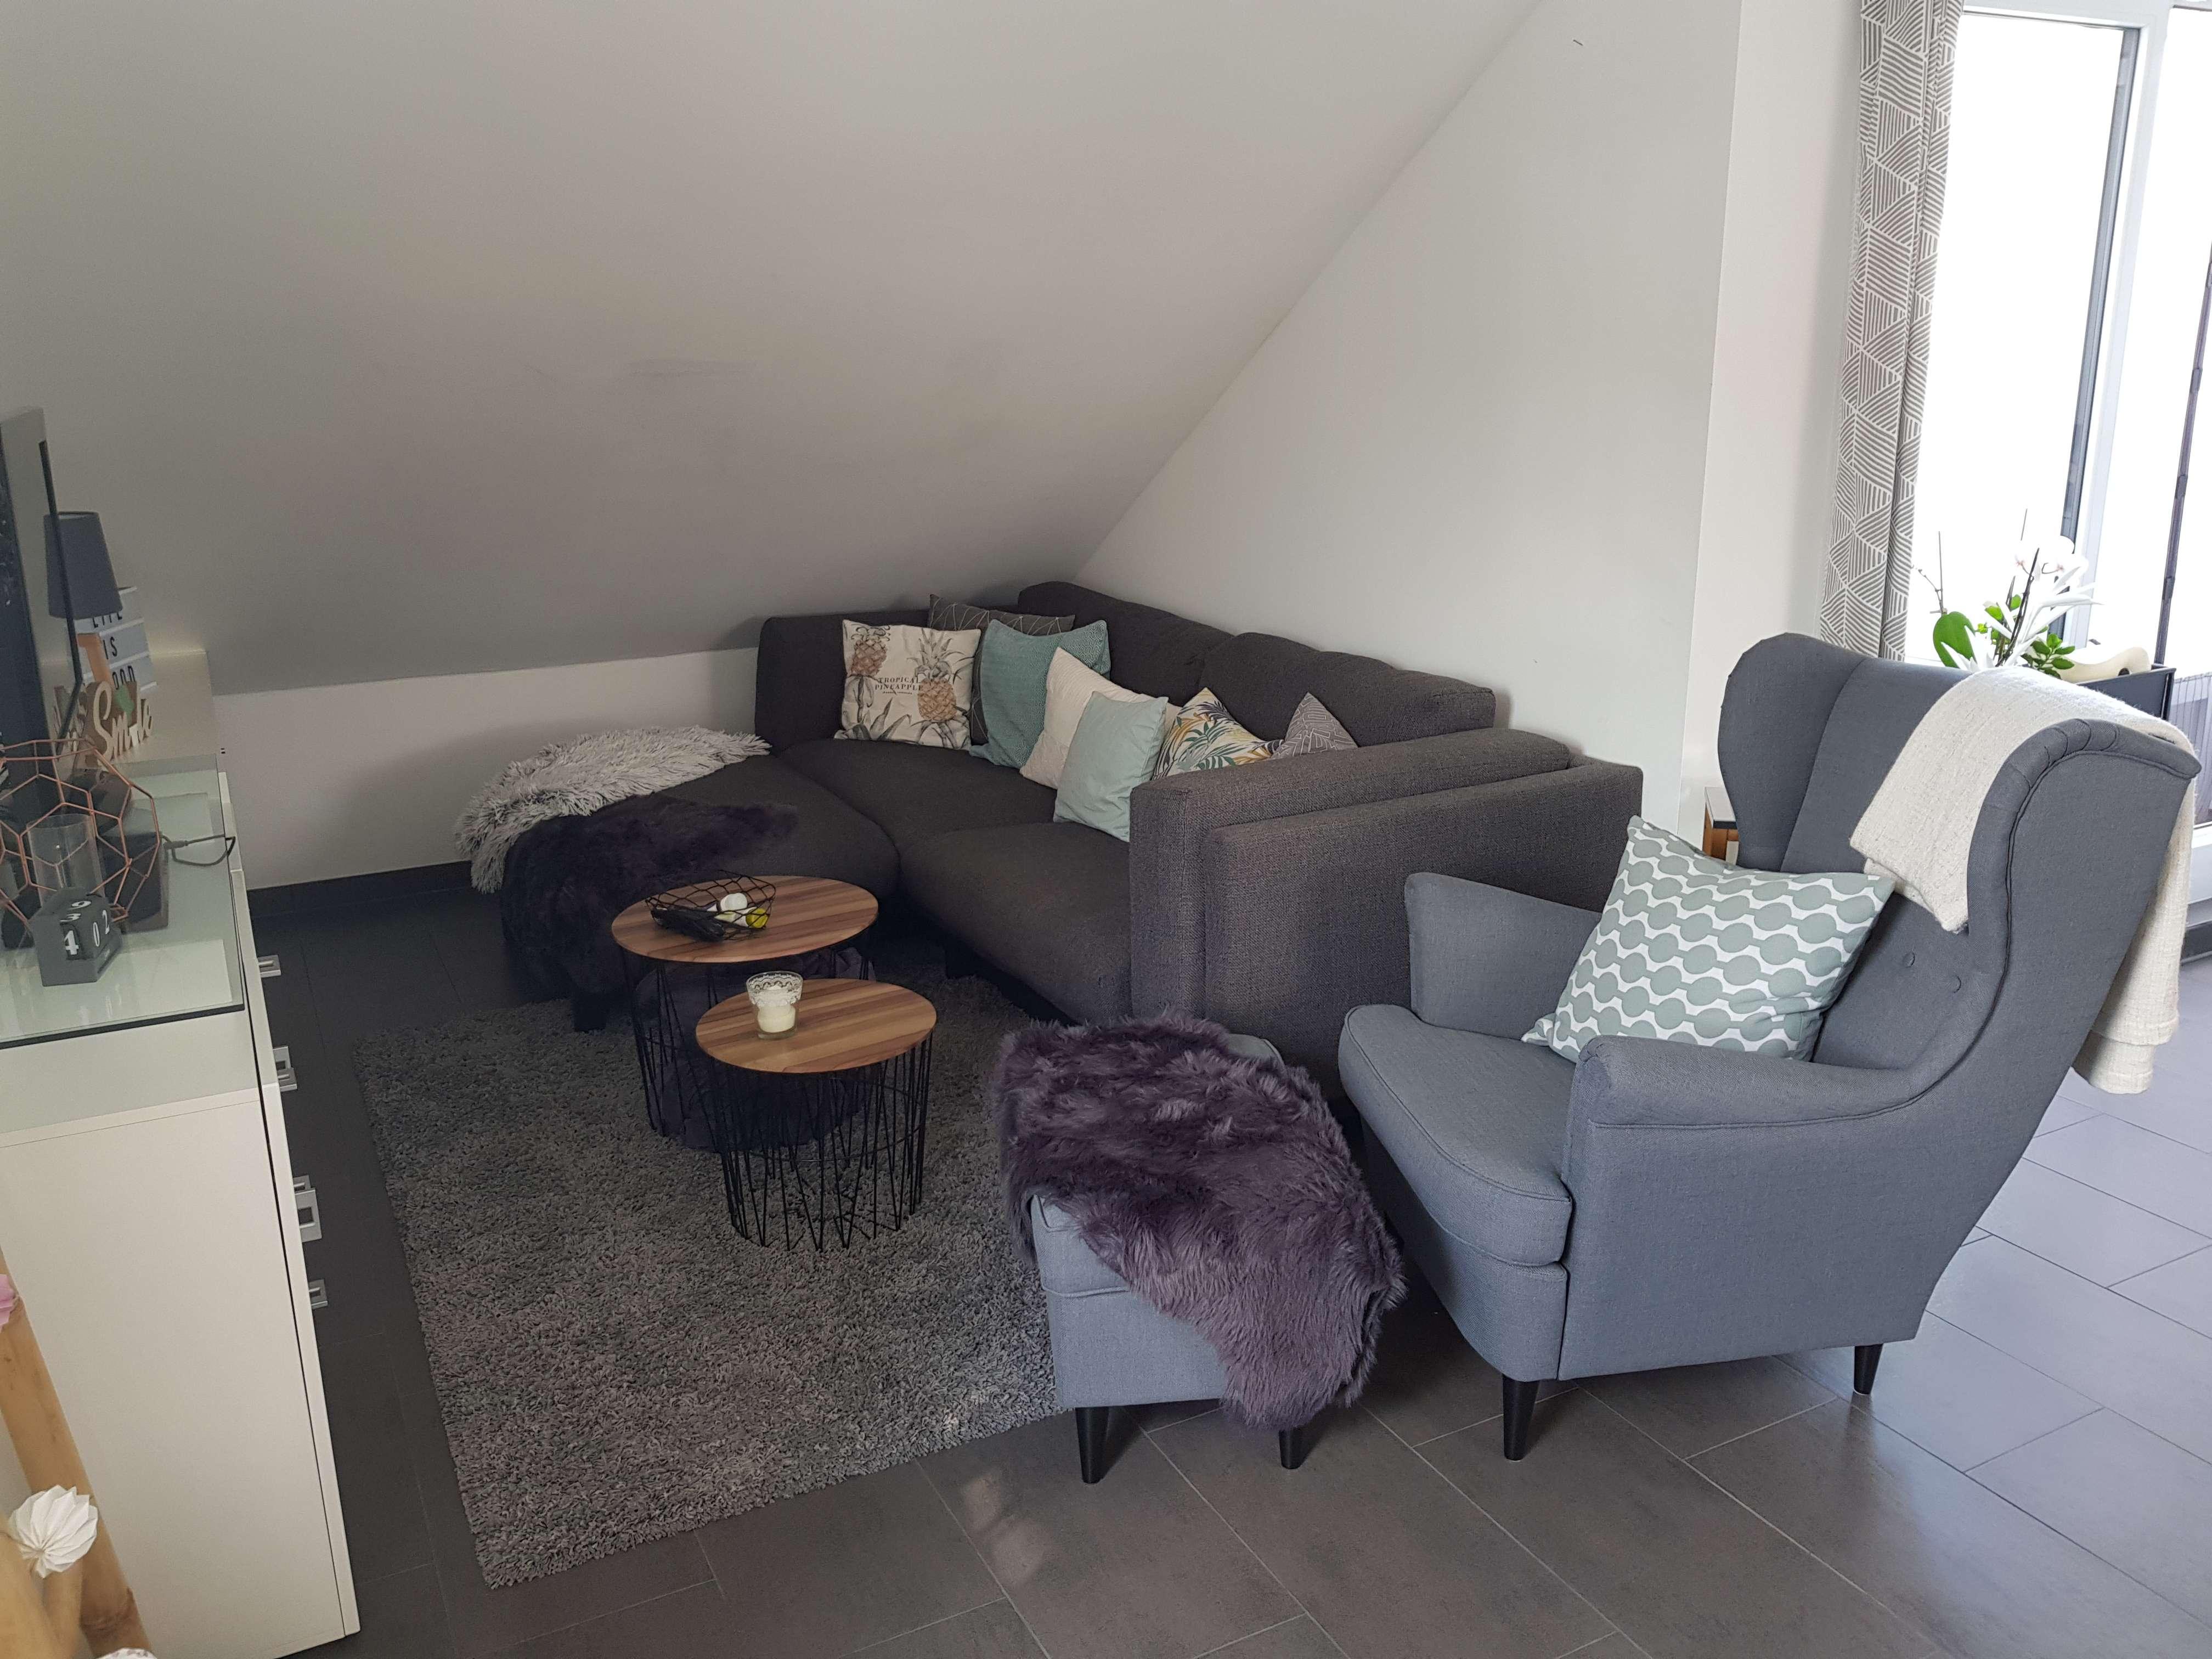 Neuwertige 2-Zimmer-DG-Wohnung mit Dachterrasse in Gersthofen